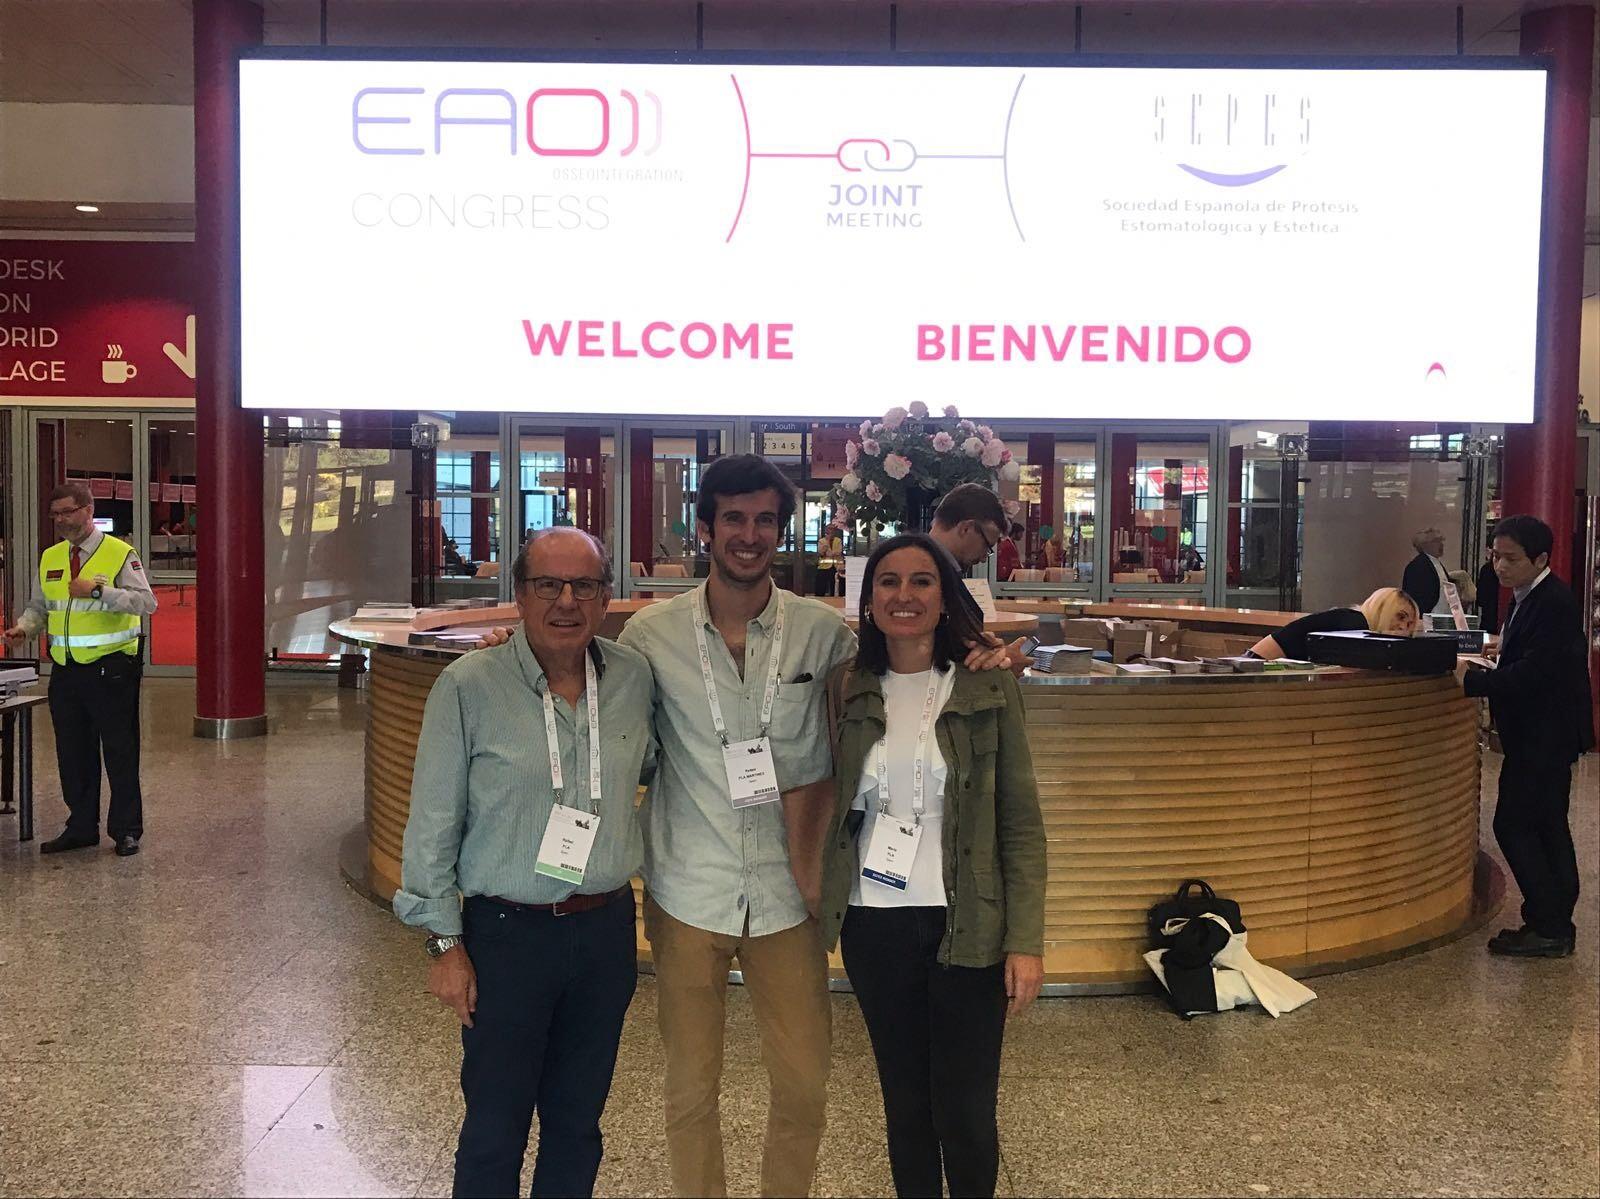 47 Congreso de la Sociedad Española de Prótesis Estomatológica y Estética (SEPES)